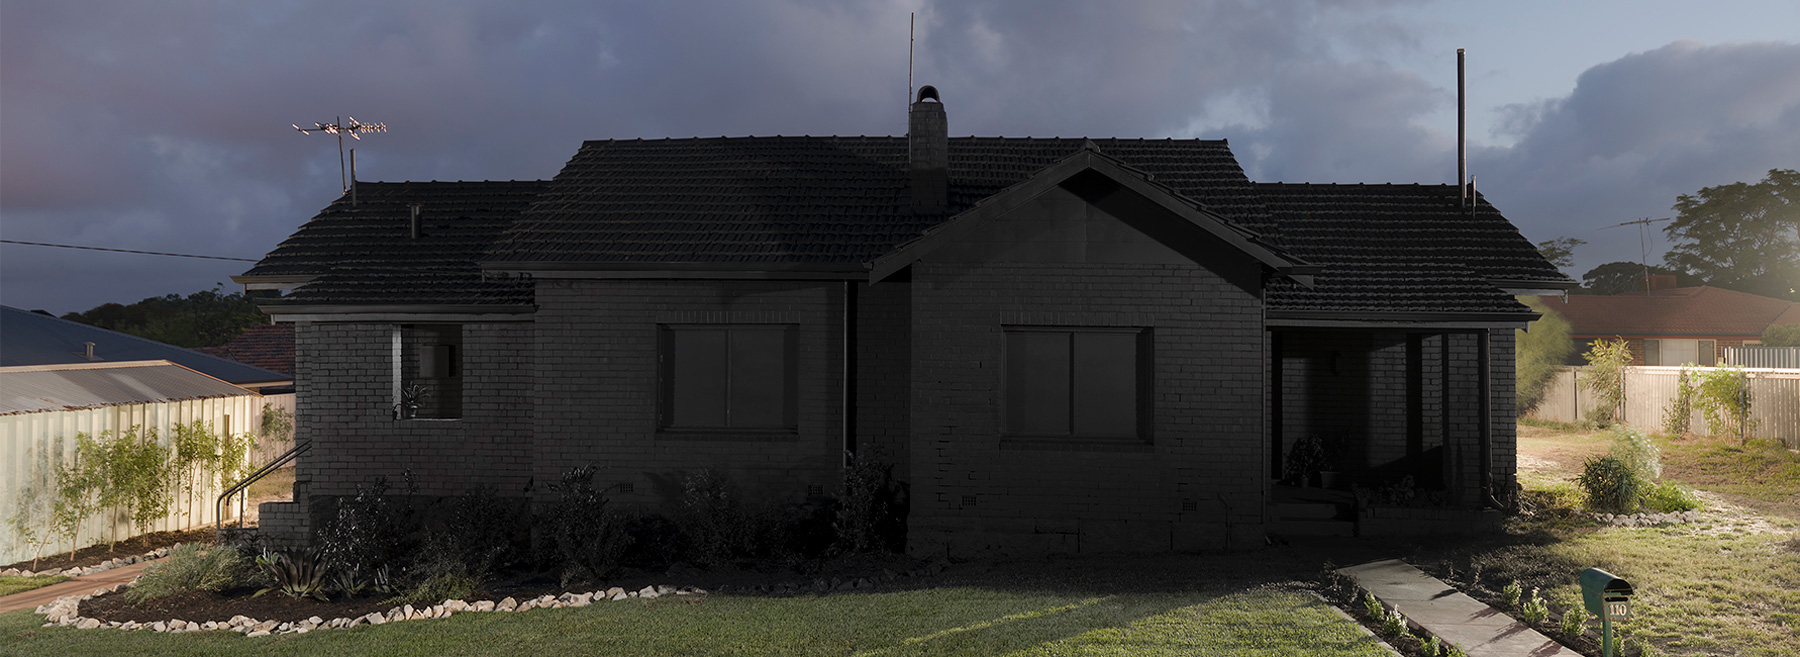 ian-strange-back-to-black-australian-suburbs-designboom-1800-1.jpg